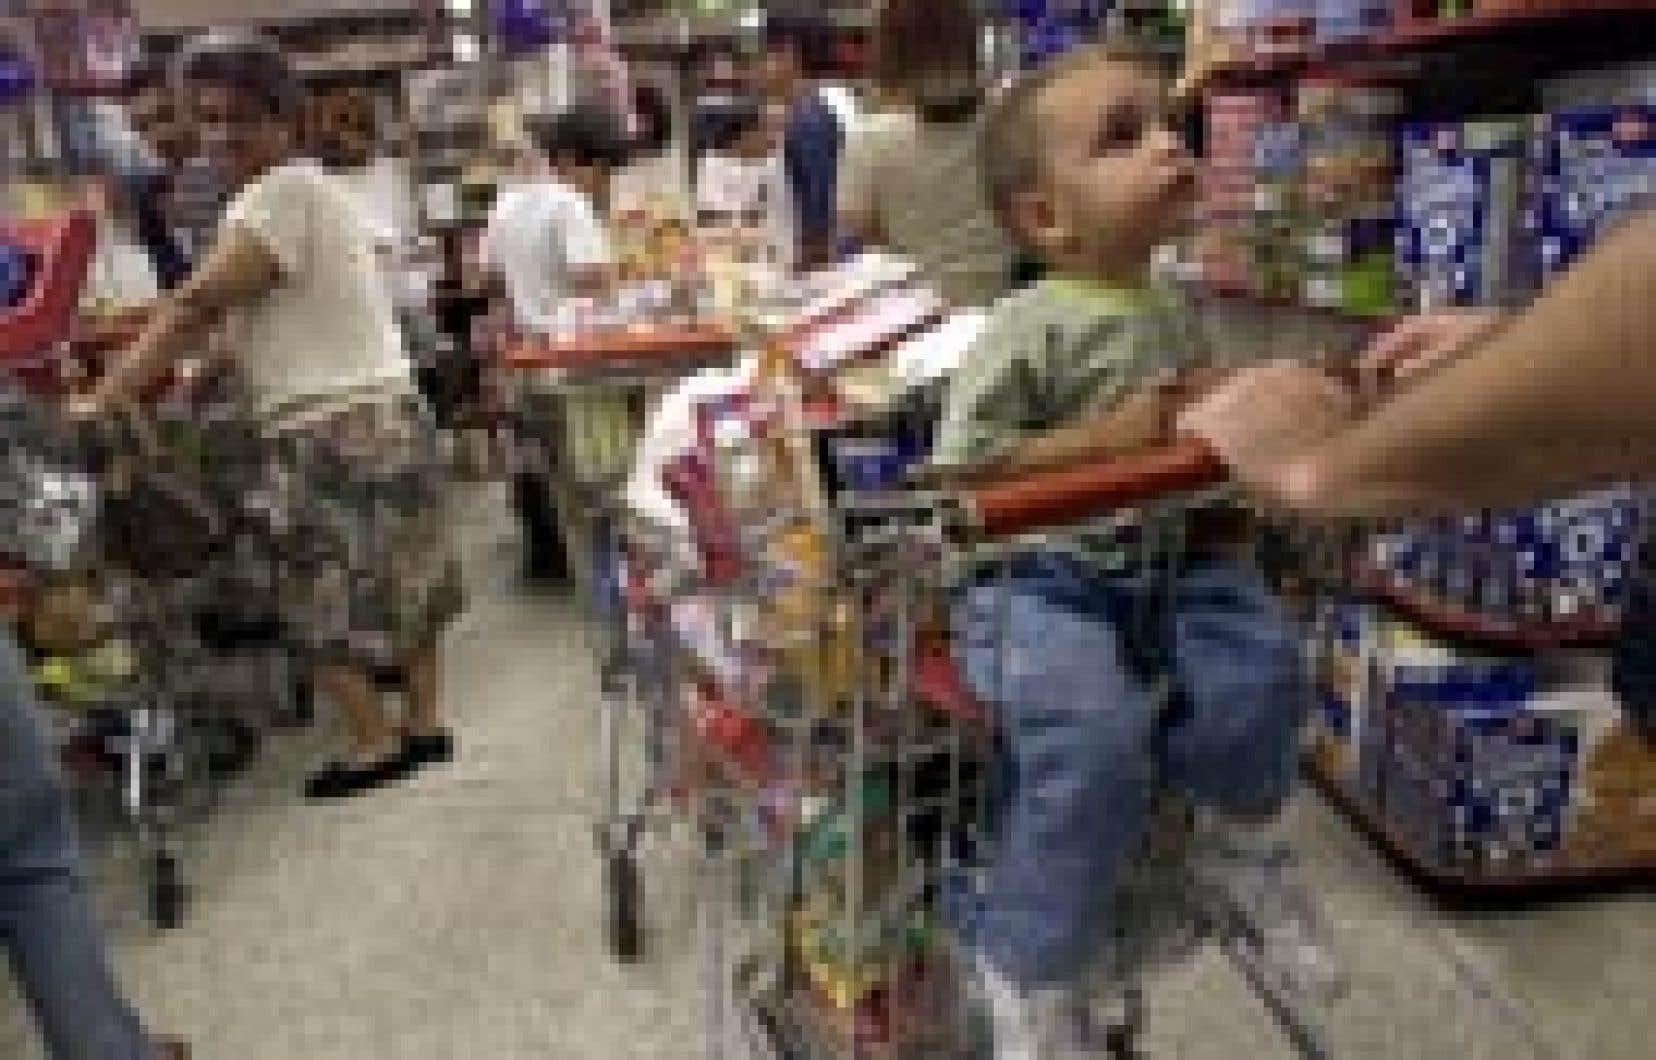 Les consommateurs emmagasinent à Cararas alors qu'au 18e jour de grève générale s'installe la pénurie alimentaire.